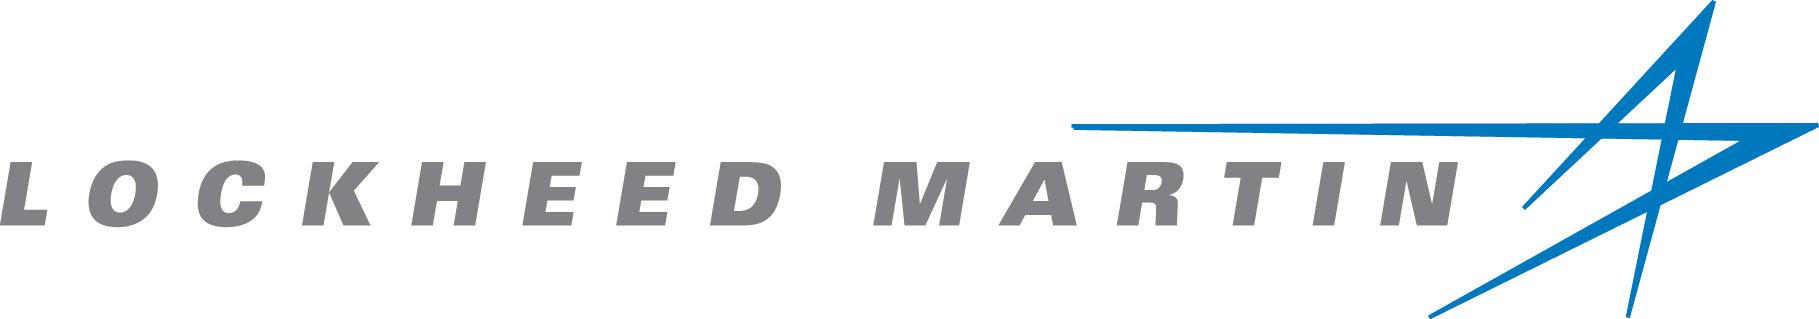 Lockheed Martin Space Systems logo